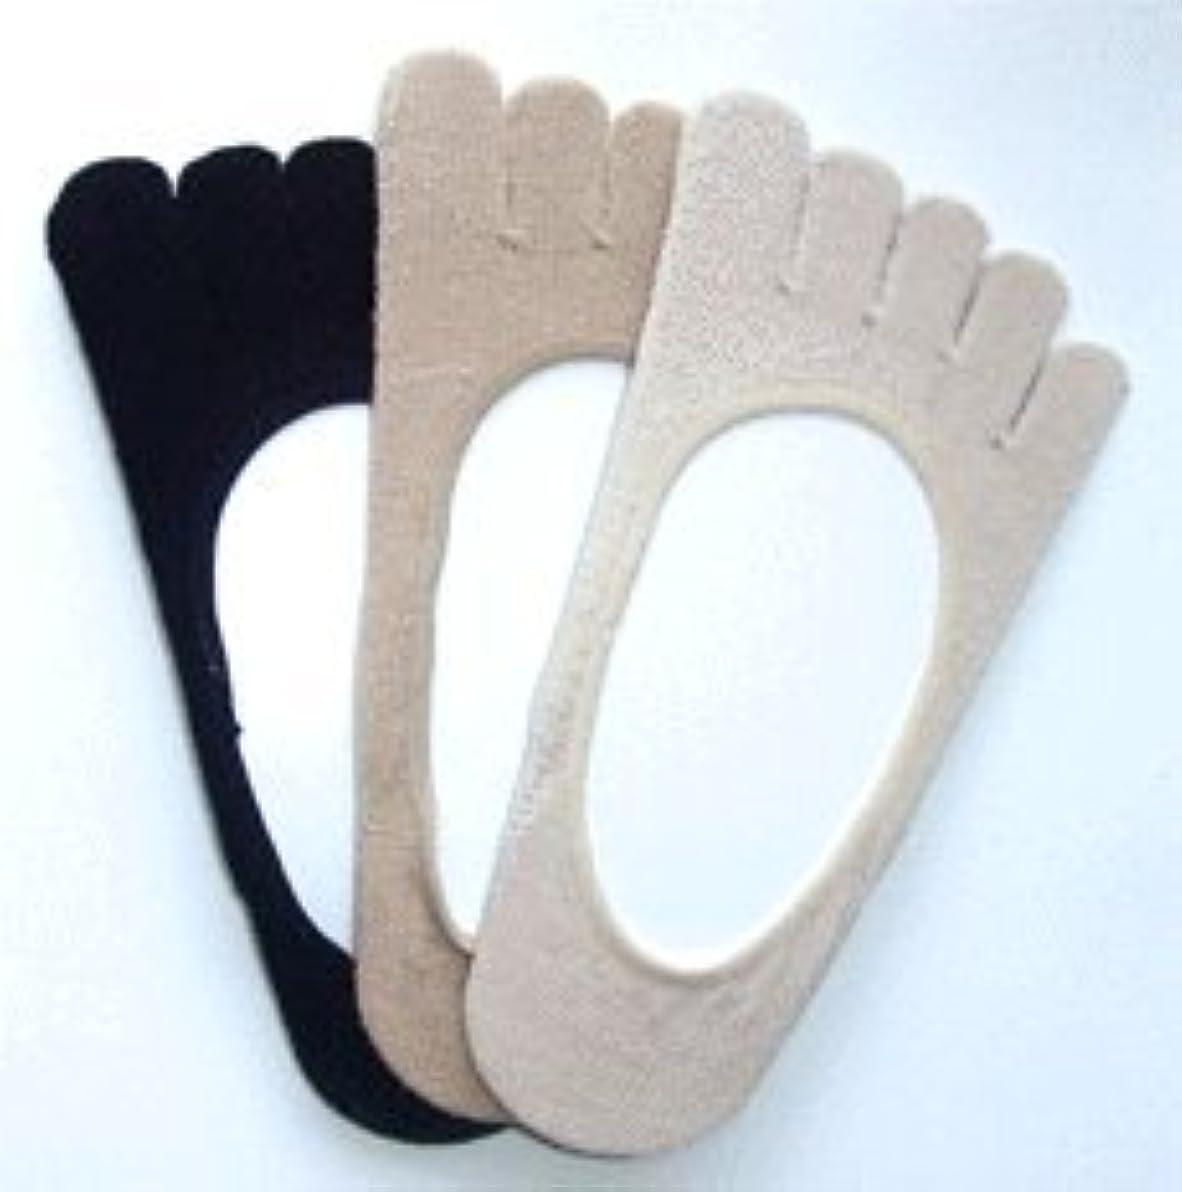 元気従来の性的日本製 シルク五本指 フットカバー パンプスインソックス 3足組(ベージュ系2足、黒色1足)